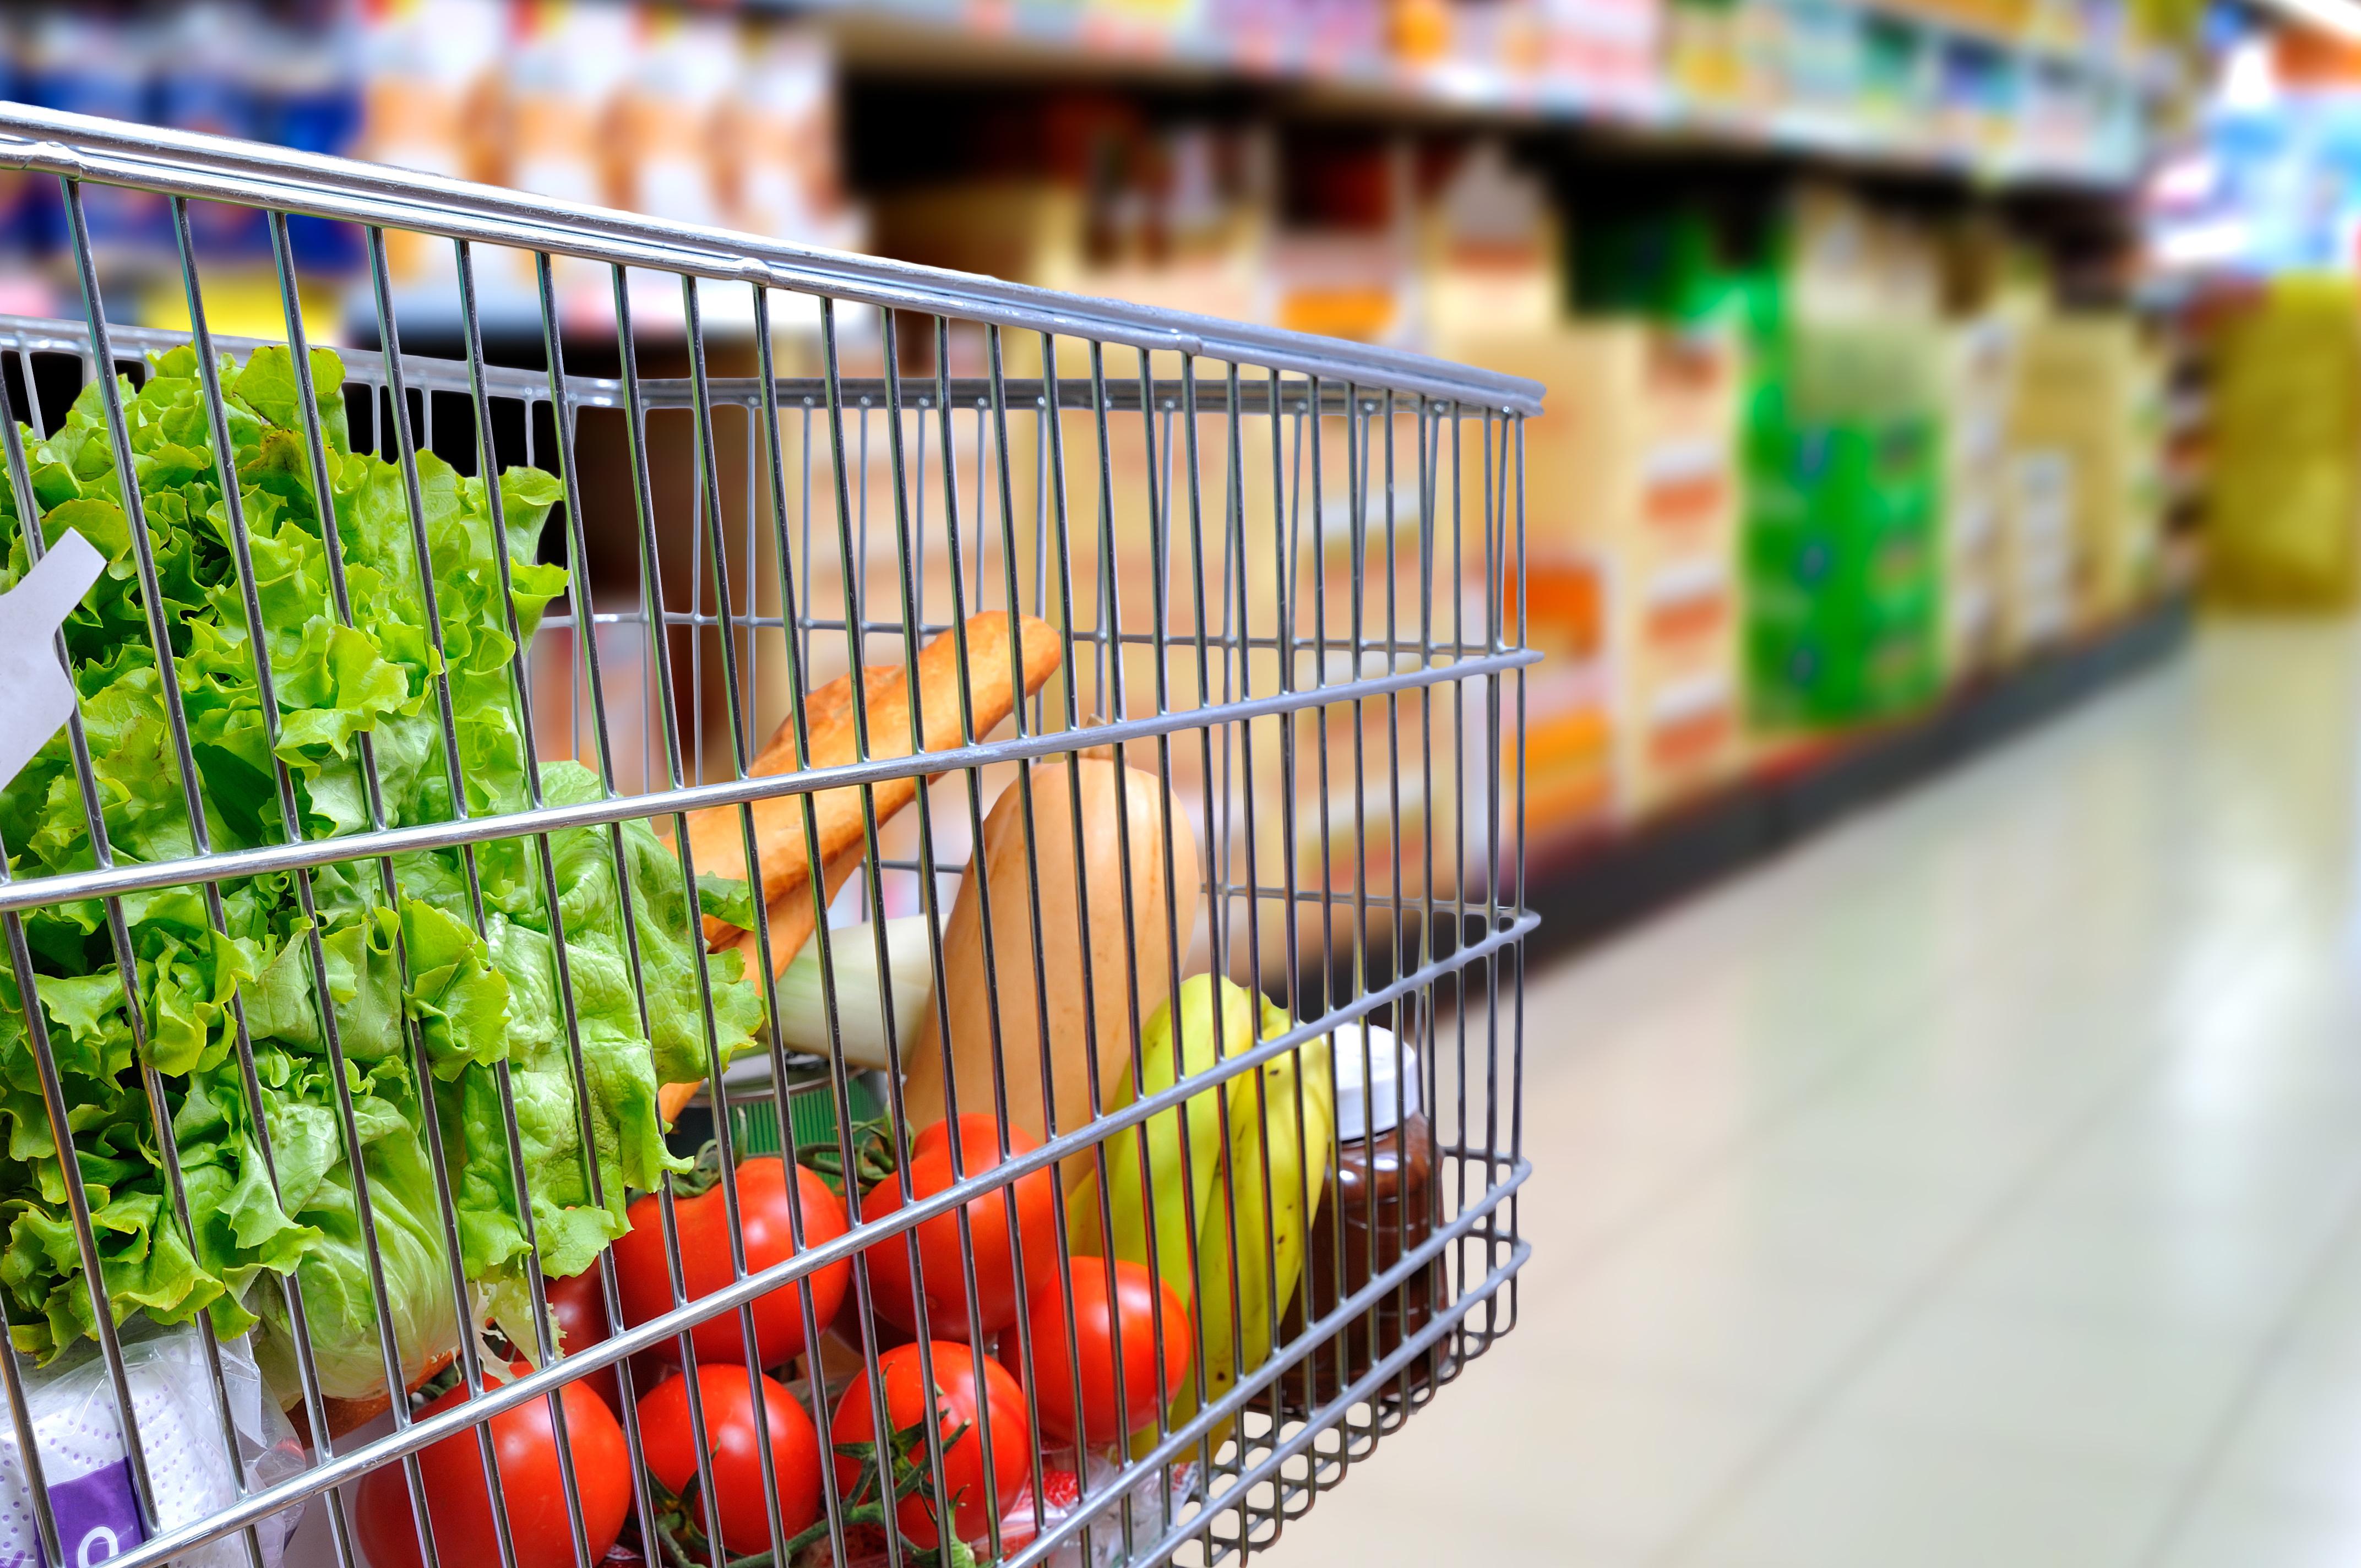 #PlasticFreeJuly: Am mers într-un supermarket să caut mâncare pentru prânz neambalată în plastic